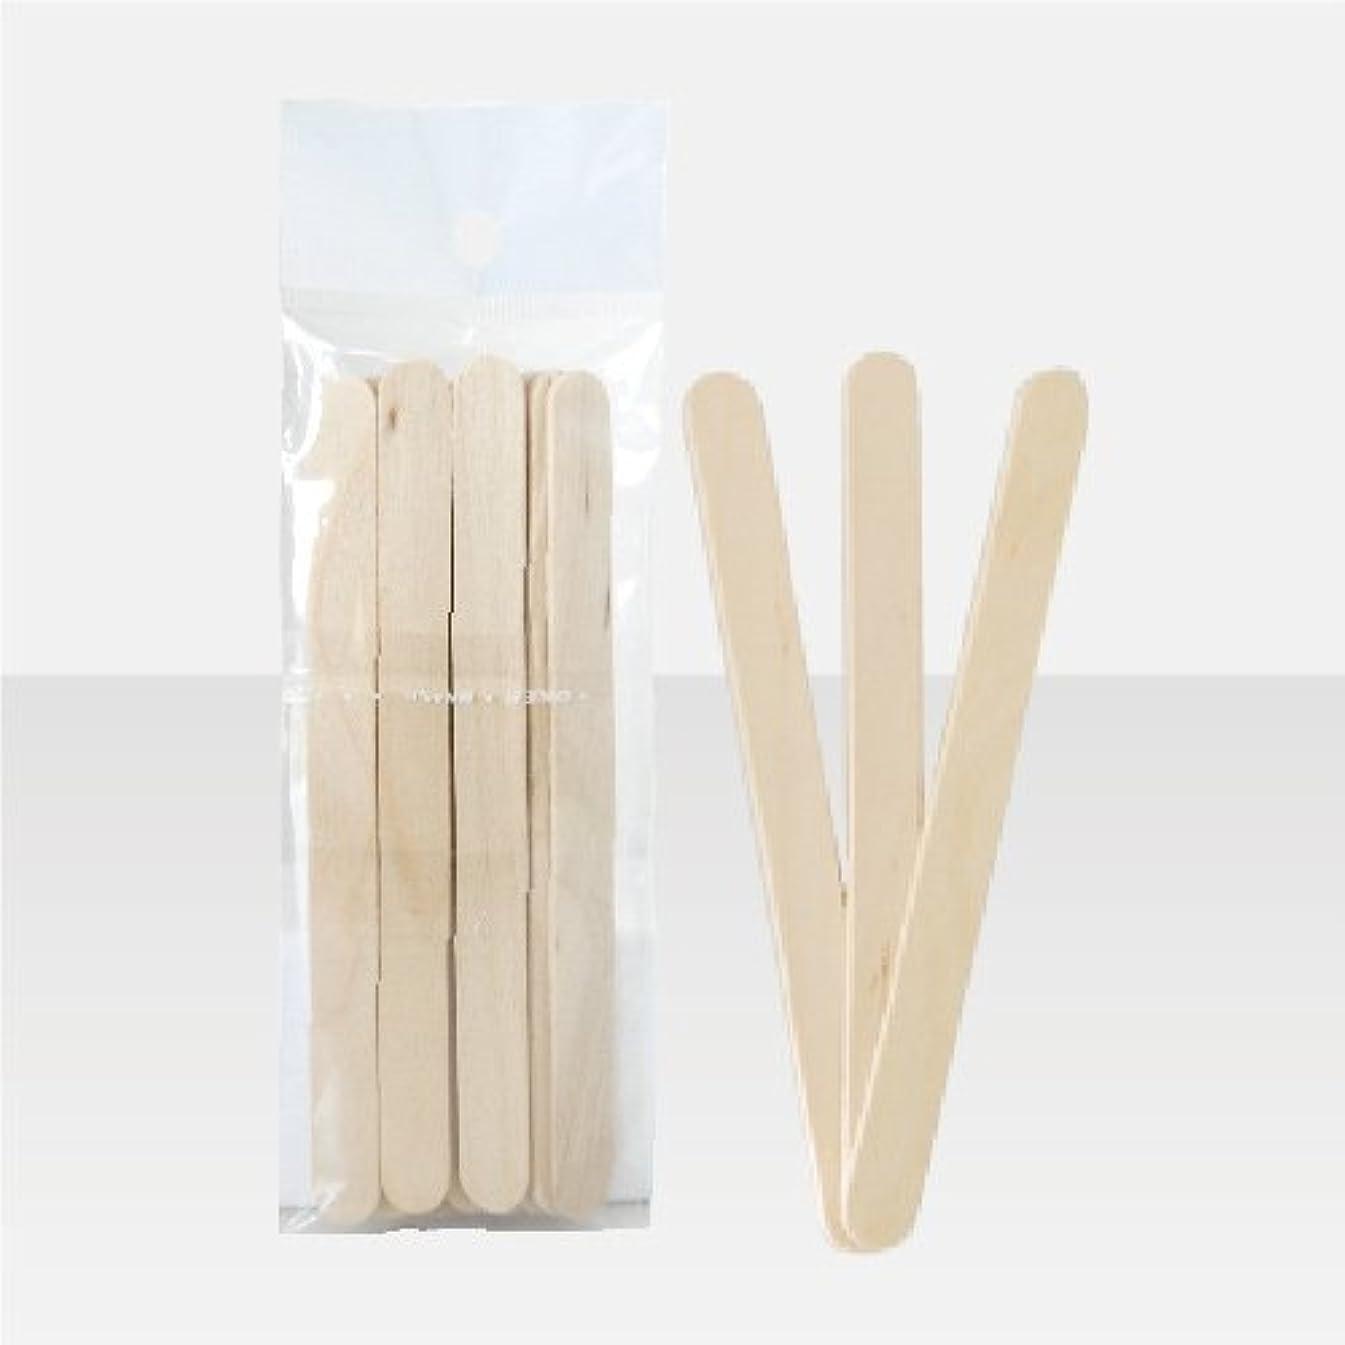 息子悪の昼食ブラジリアンワックス 脱毛ワックス用  ワックススパチュラ 木ベラ /10本セット Sサイズ